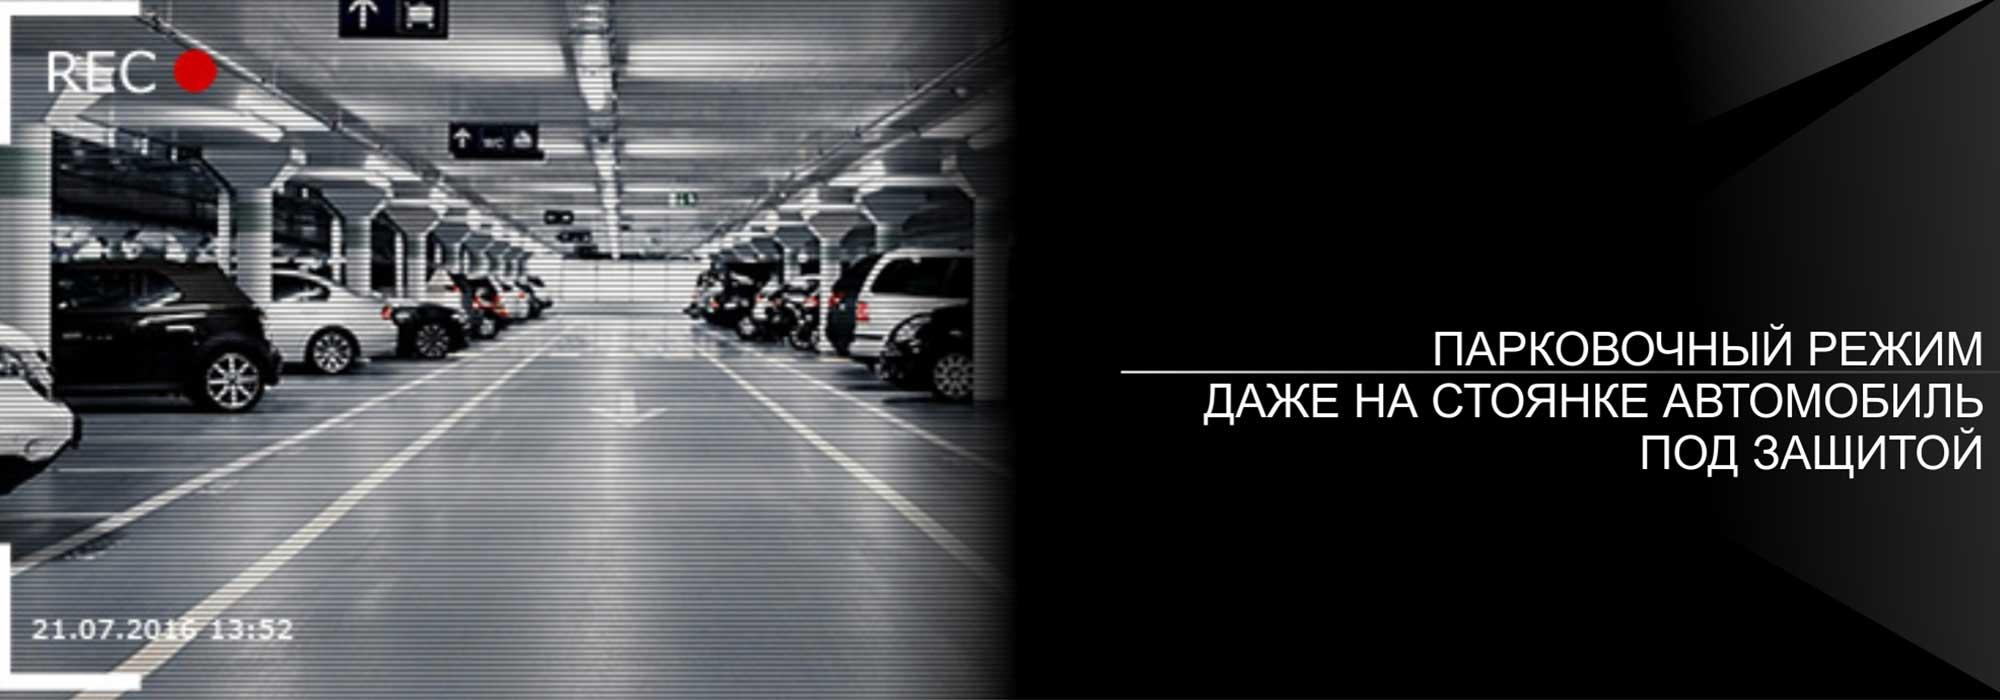 Парковочный режим